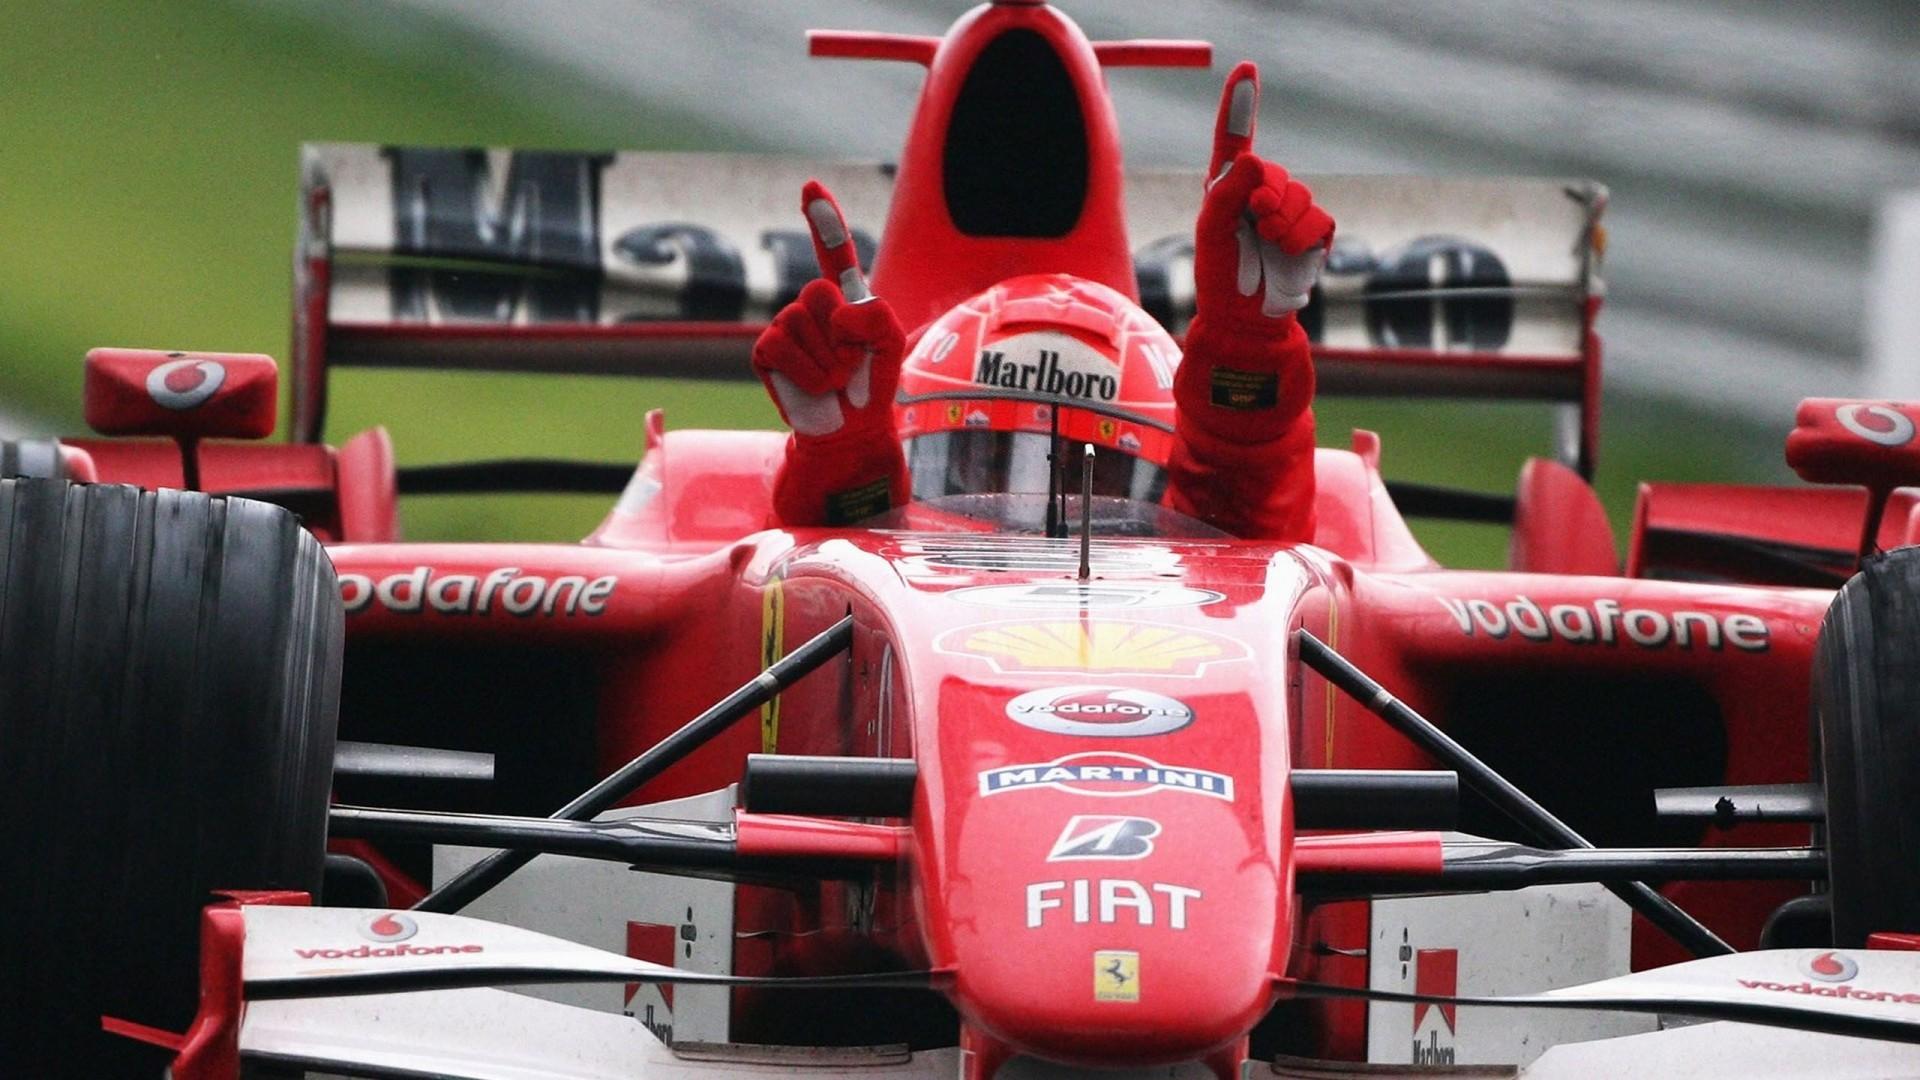 Schumacher Mercedes F1 Full Hd Wallpaper: Schumacher Wallpaper ·① Download Free Awesome Wallpapers